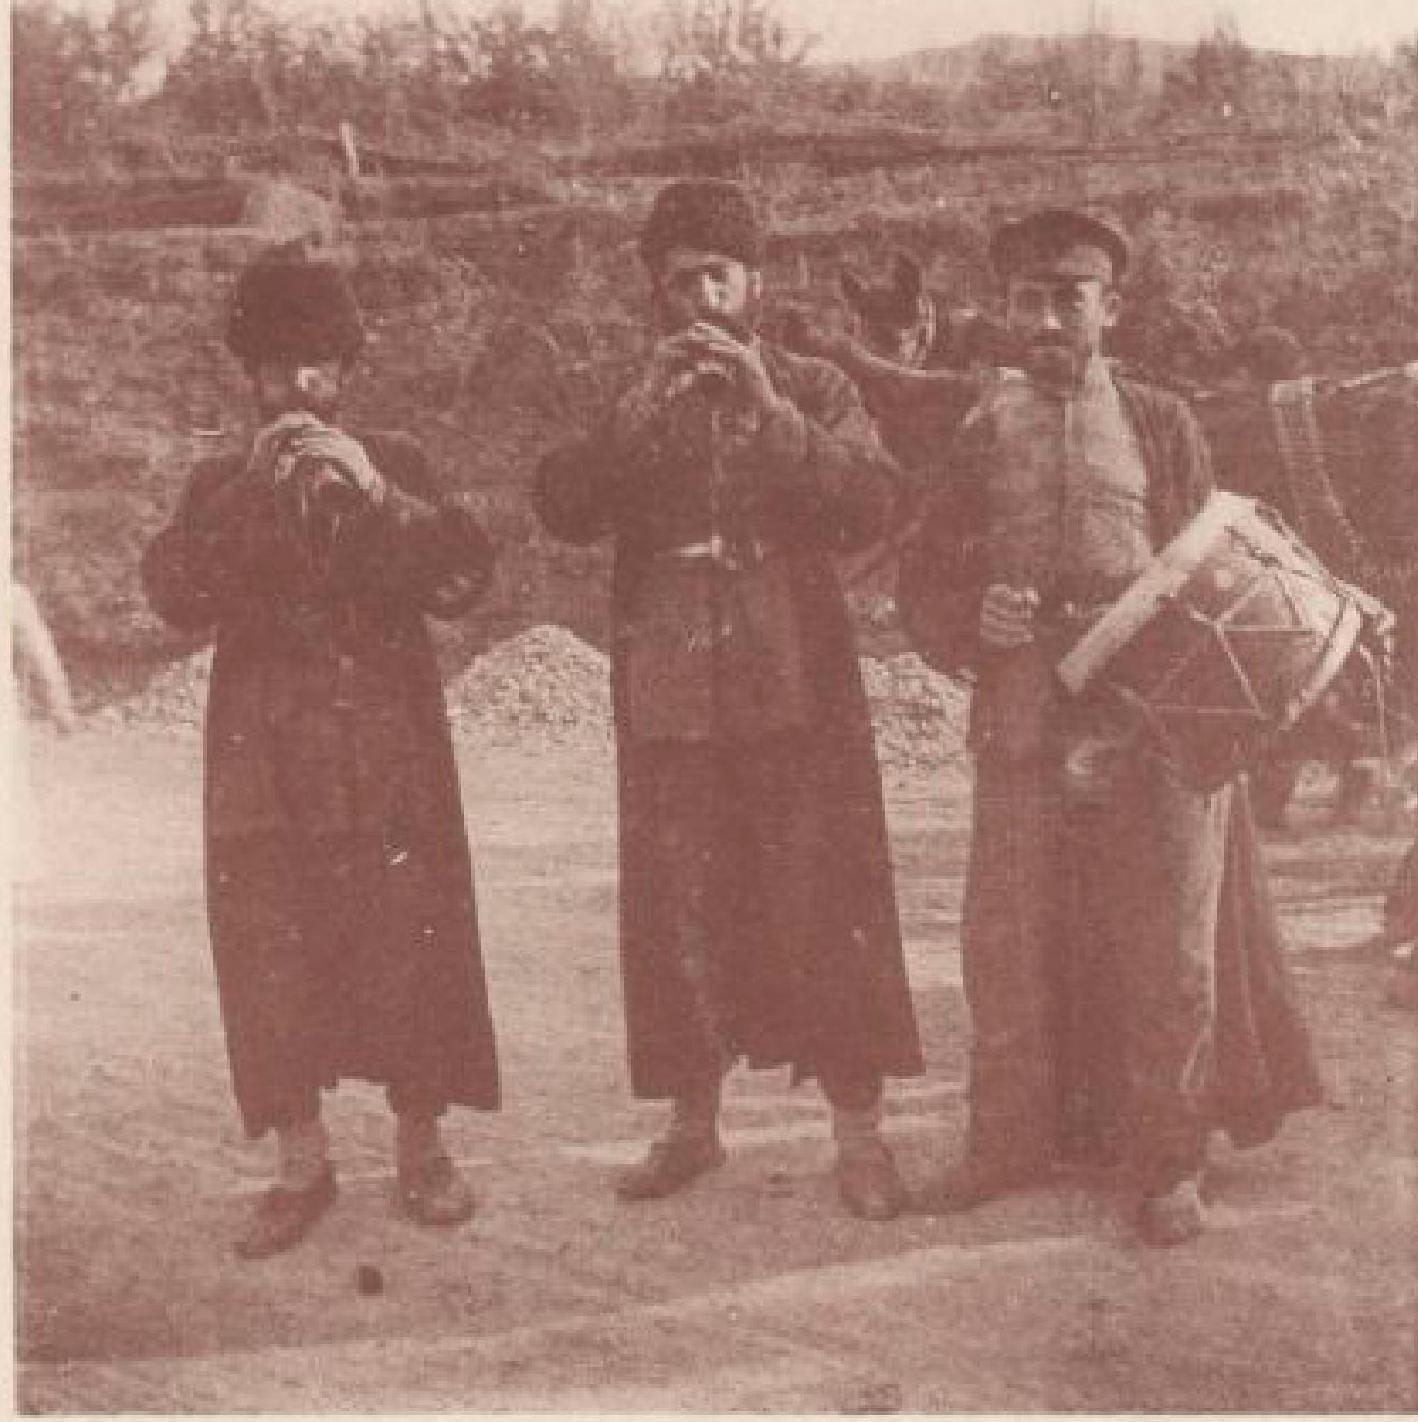 04. Дилижан. Музыканты на армянской свадьбе. 23 октября 1897